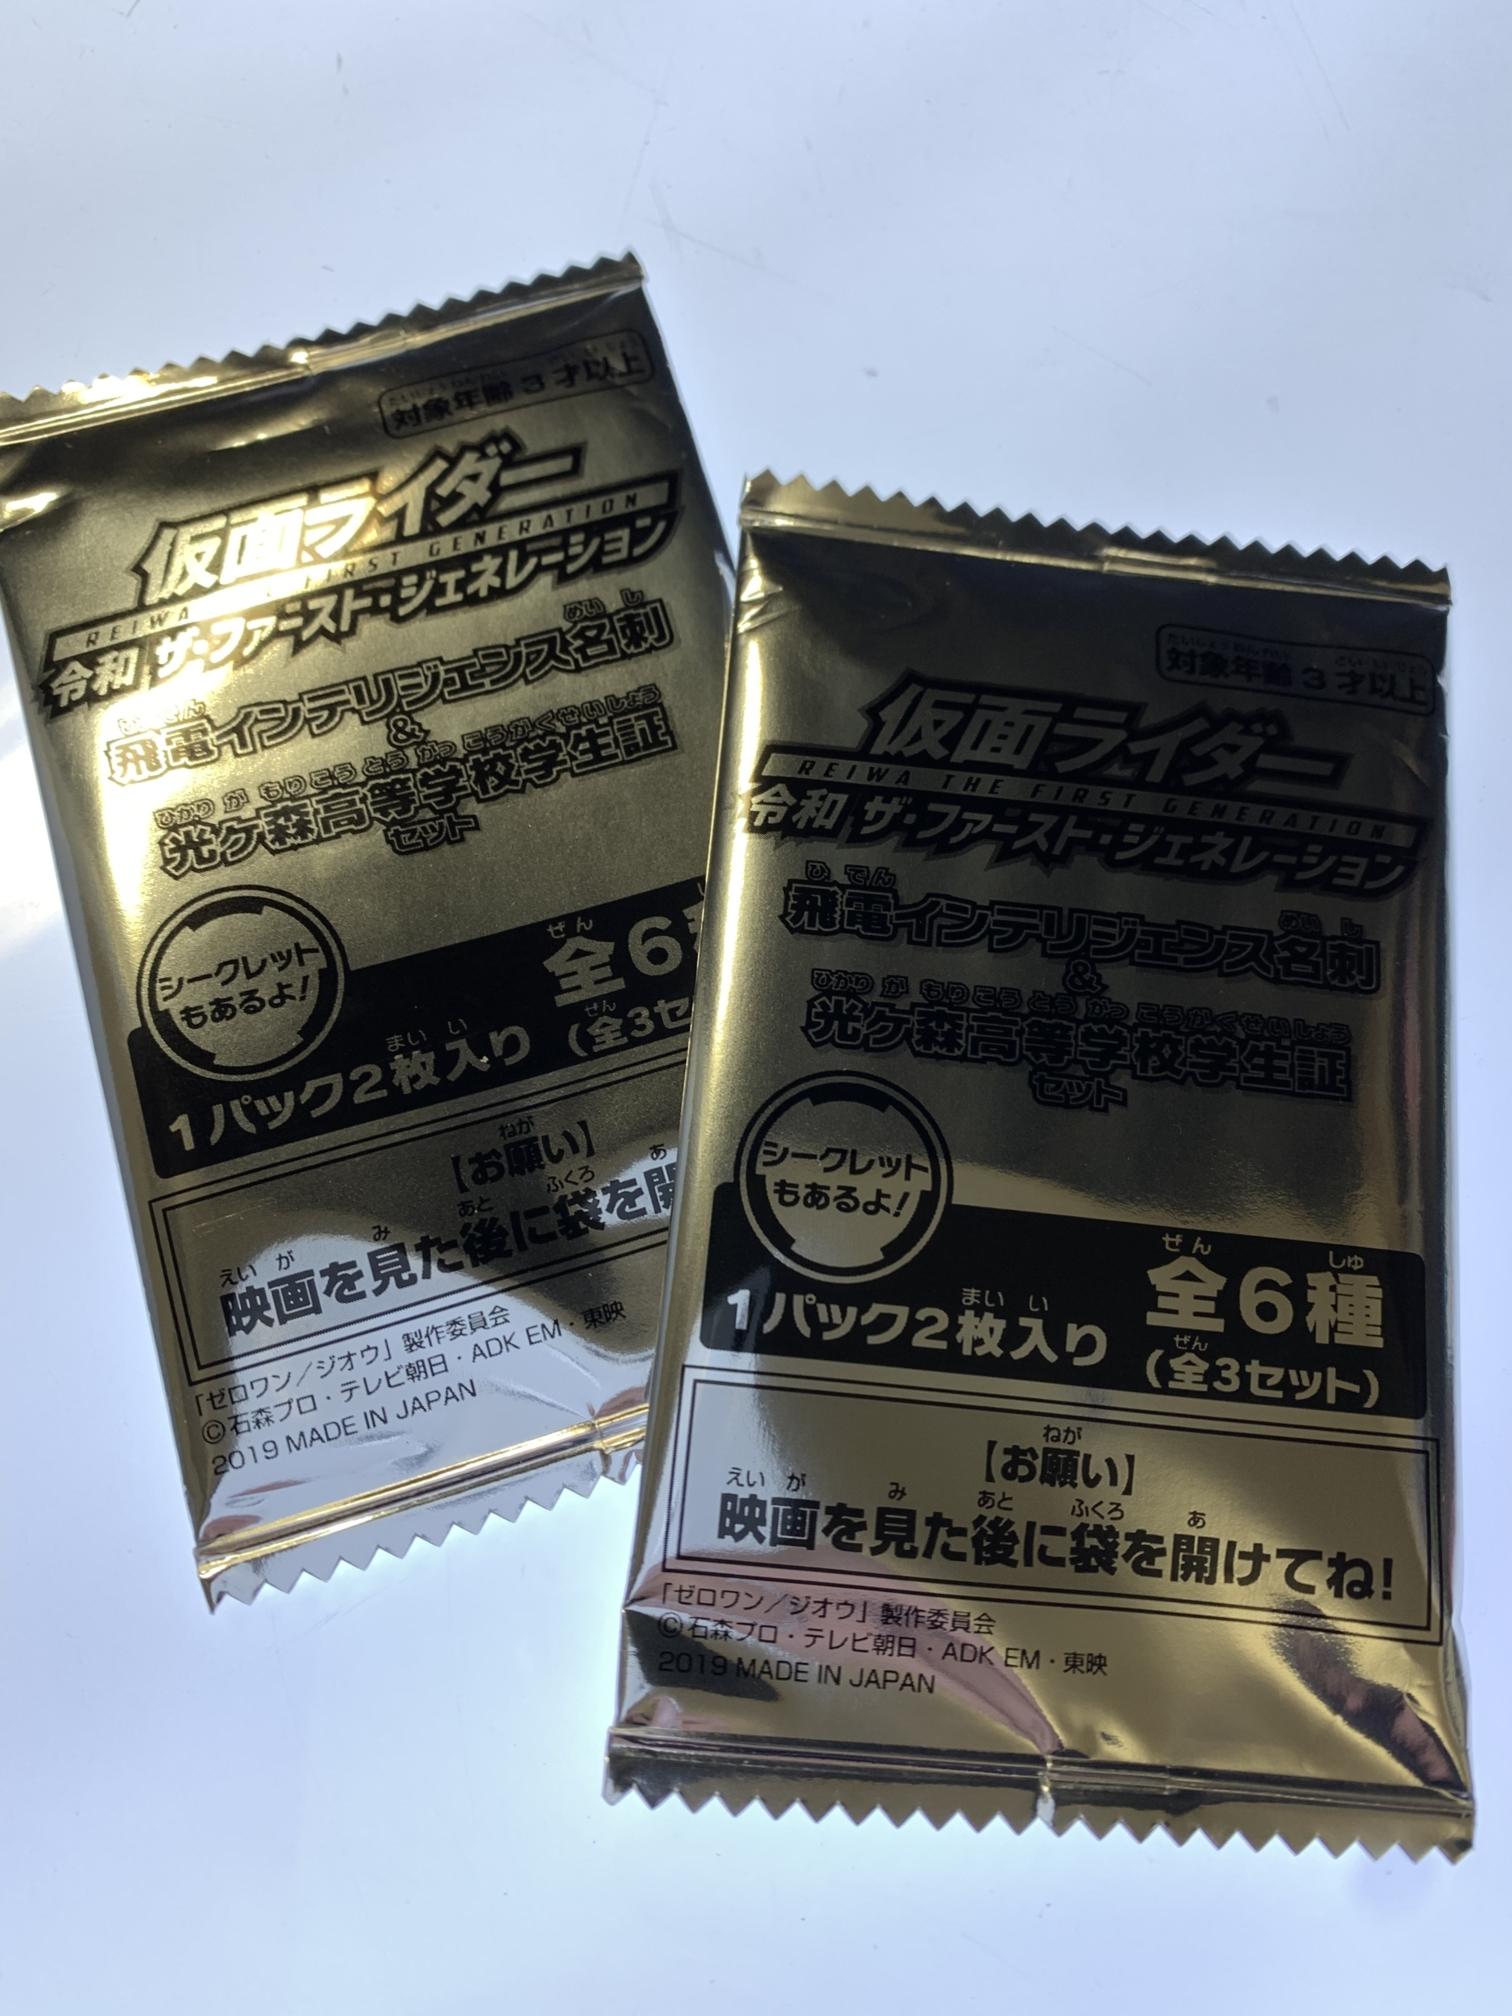 仮面ライダーセロワン【令和 ザ・ファースト・ ジェネレーション】入場者特典